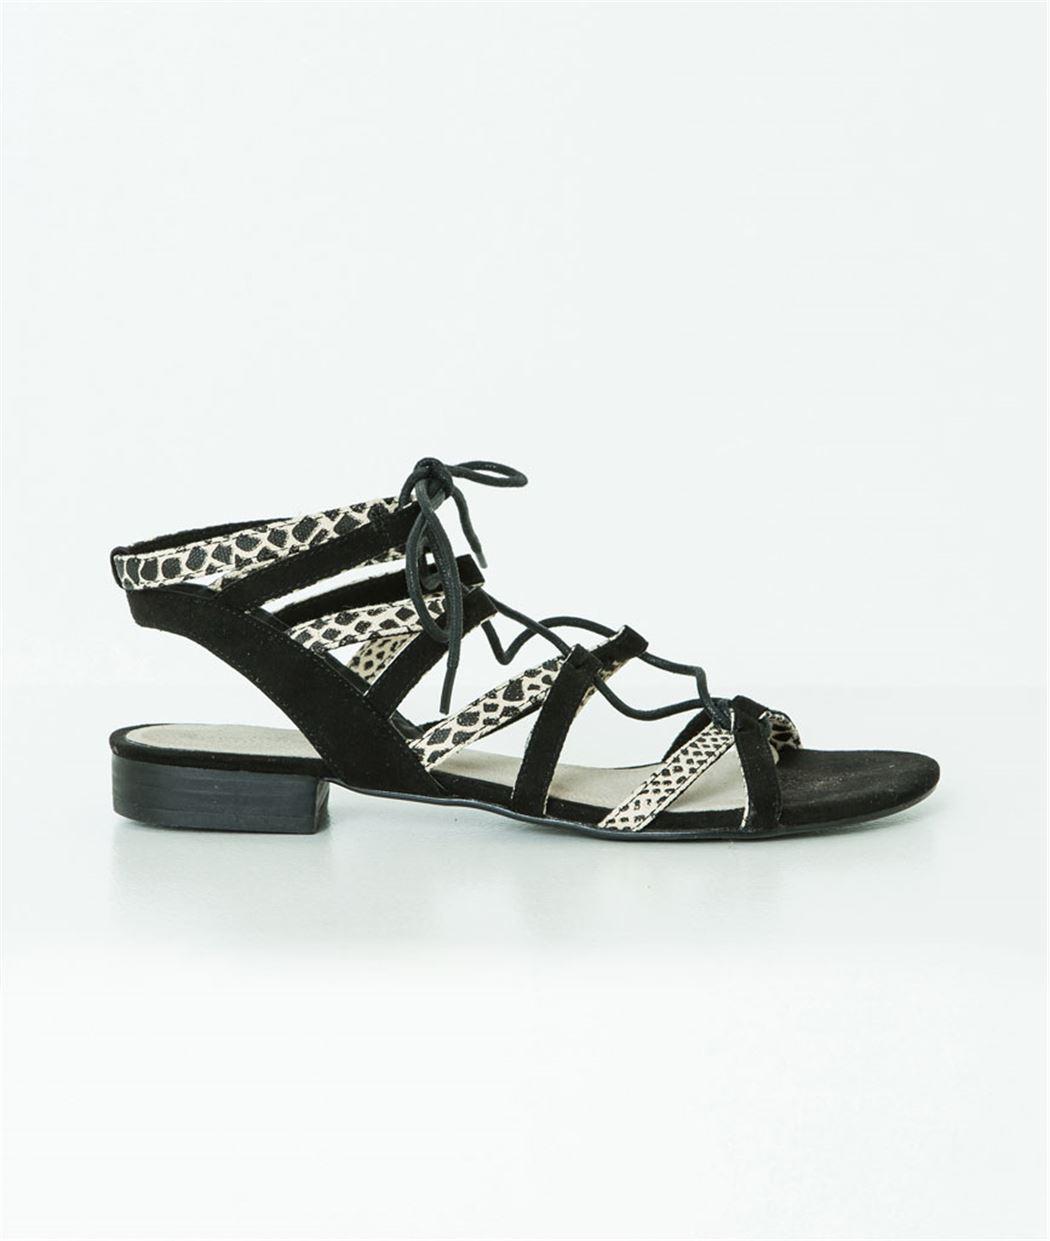 Sandales femme plates bimatière NOIR